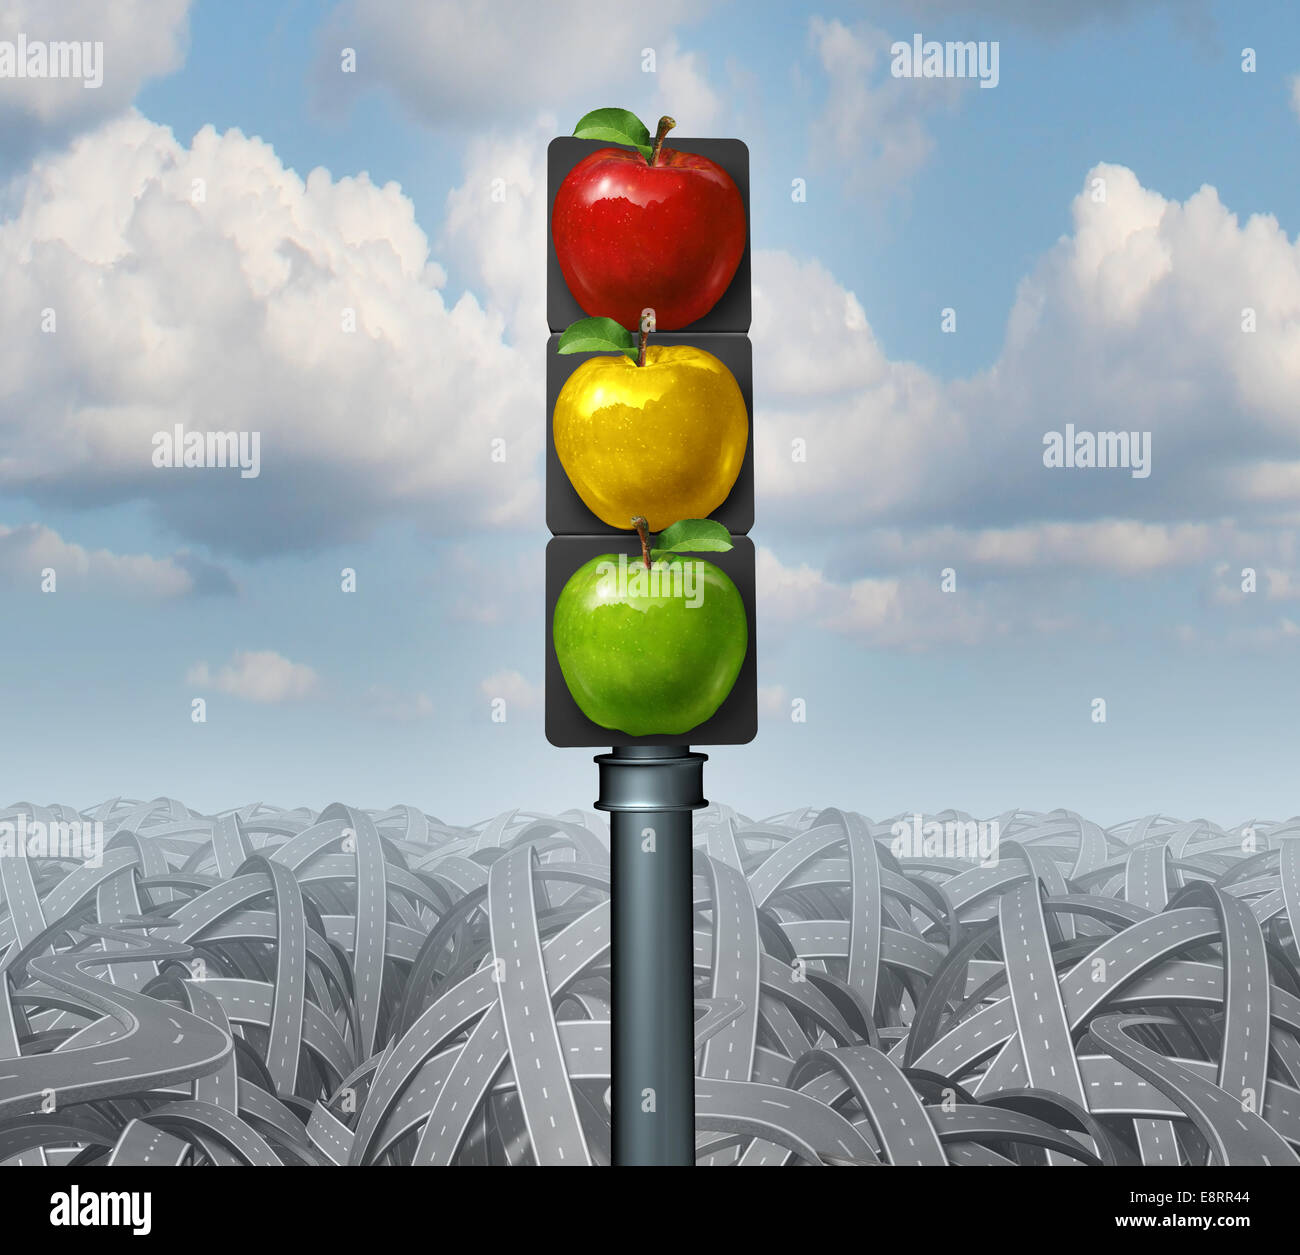 Gesunder Lifestyle-Beratung und essen gesundes Konzept als Ampel mit grüne gelbe und rote Äpfel auf einem Stockbild